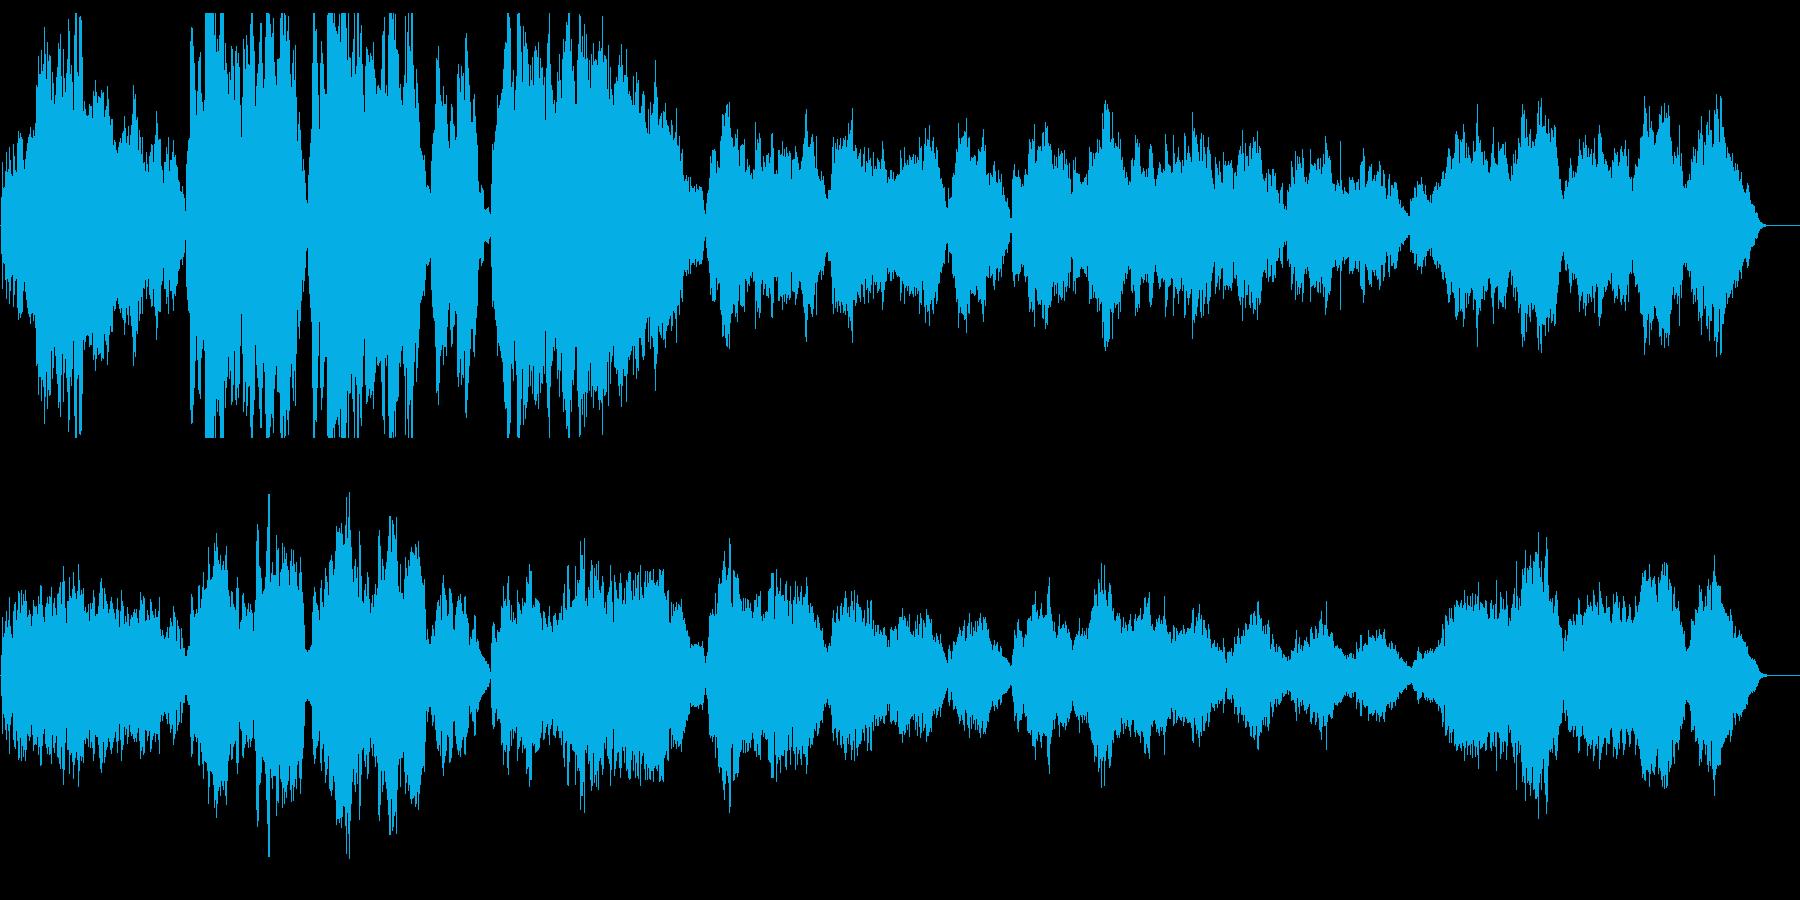 ゆったりと優しいリラクゼーションサウンドの再生済みの波形